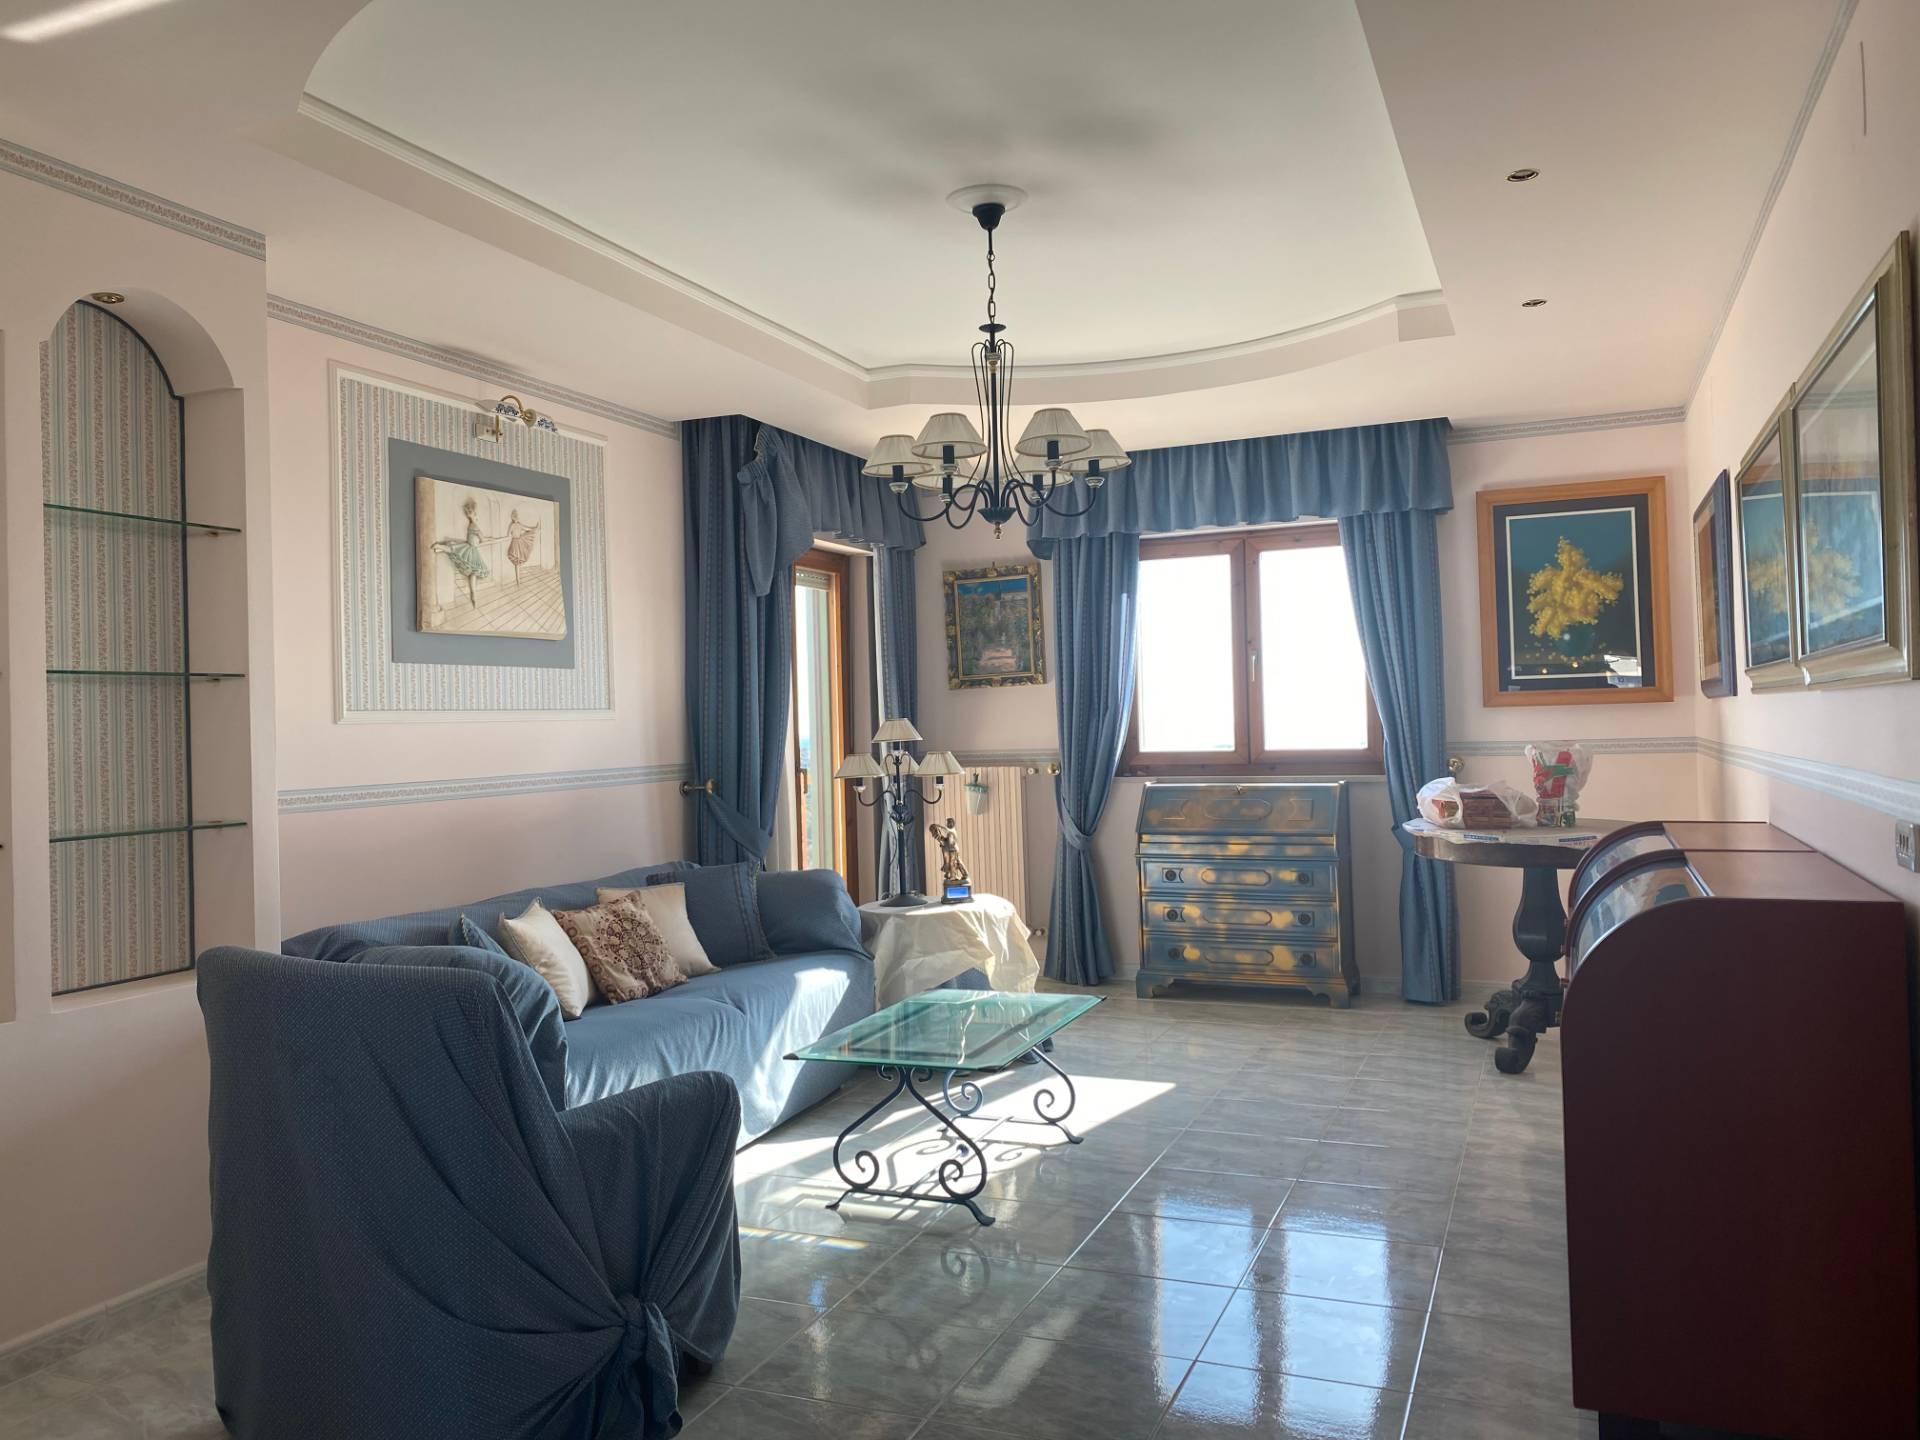 Camere Da Letto Taranto appartamento in vendita in provincia di taranto, cerco